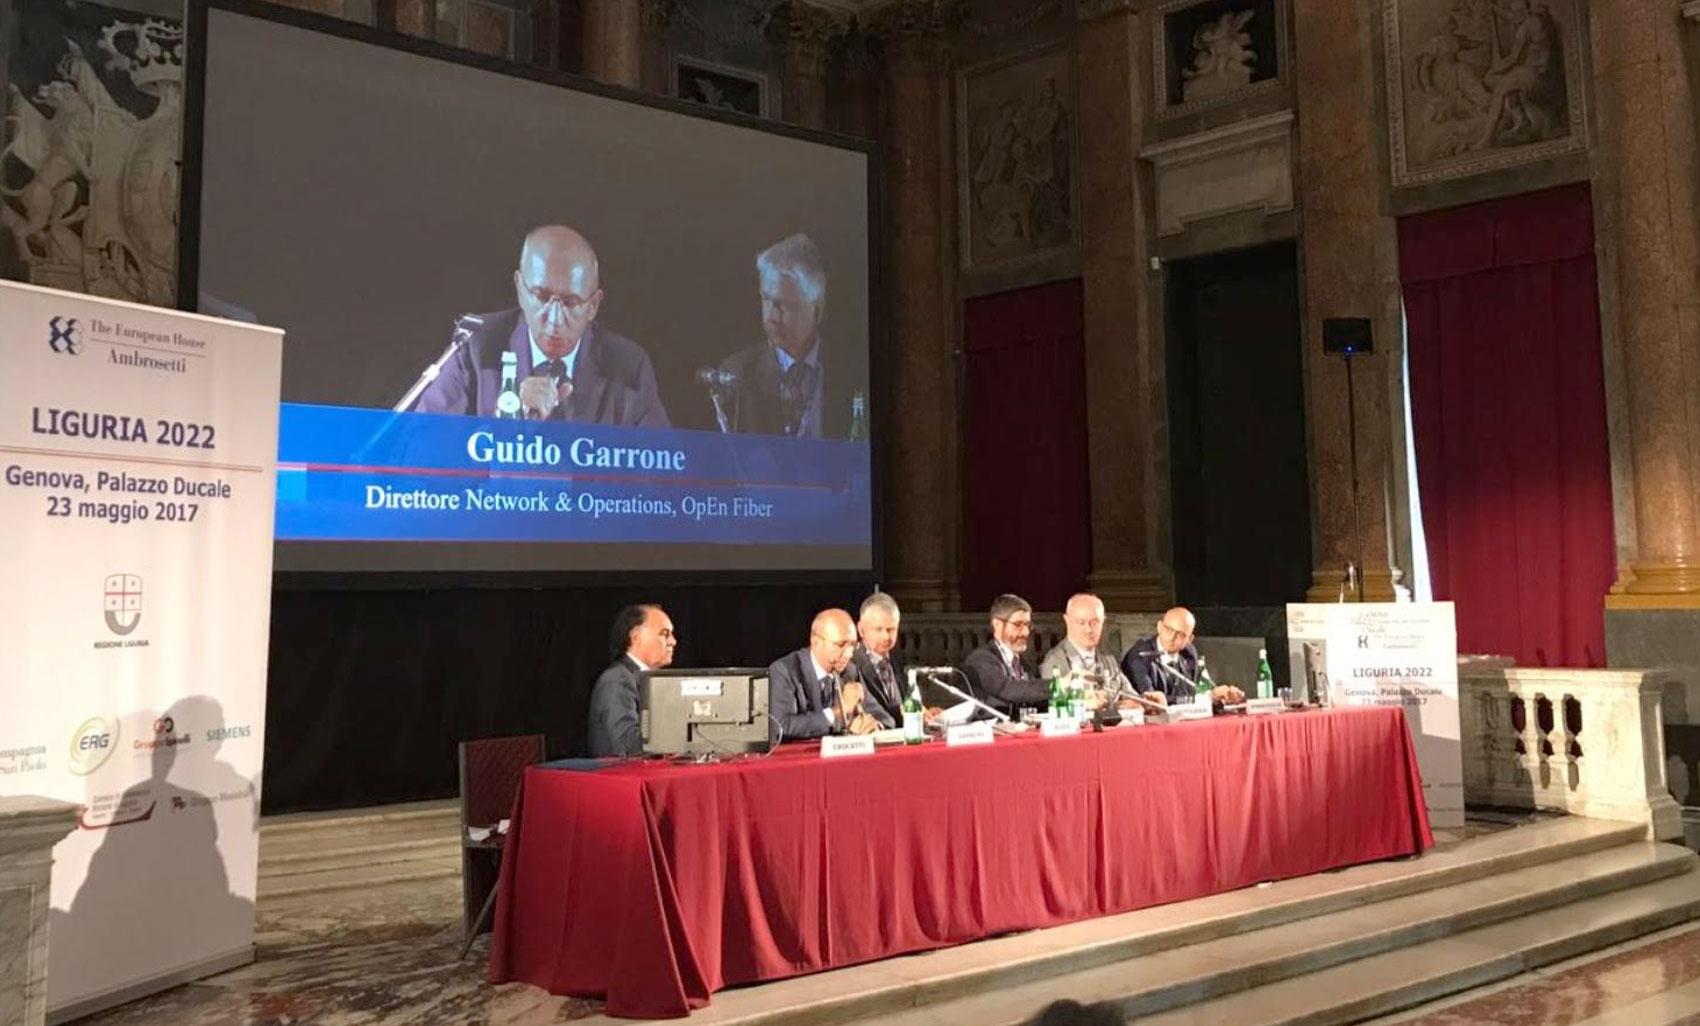 Liguria2022, Open Fiber al Forum Ambrosetti: 100 milioni di euro per la Liguria